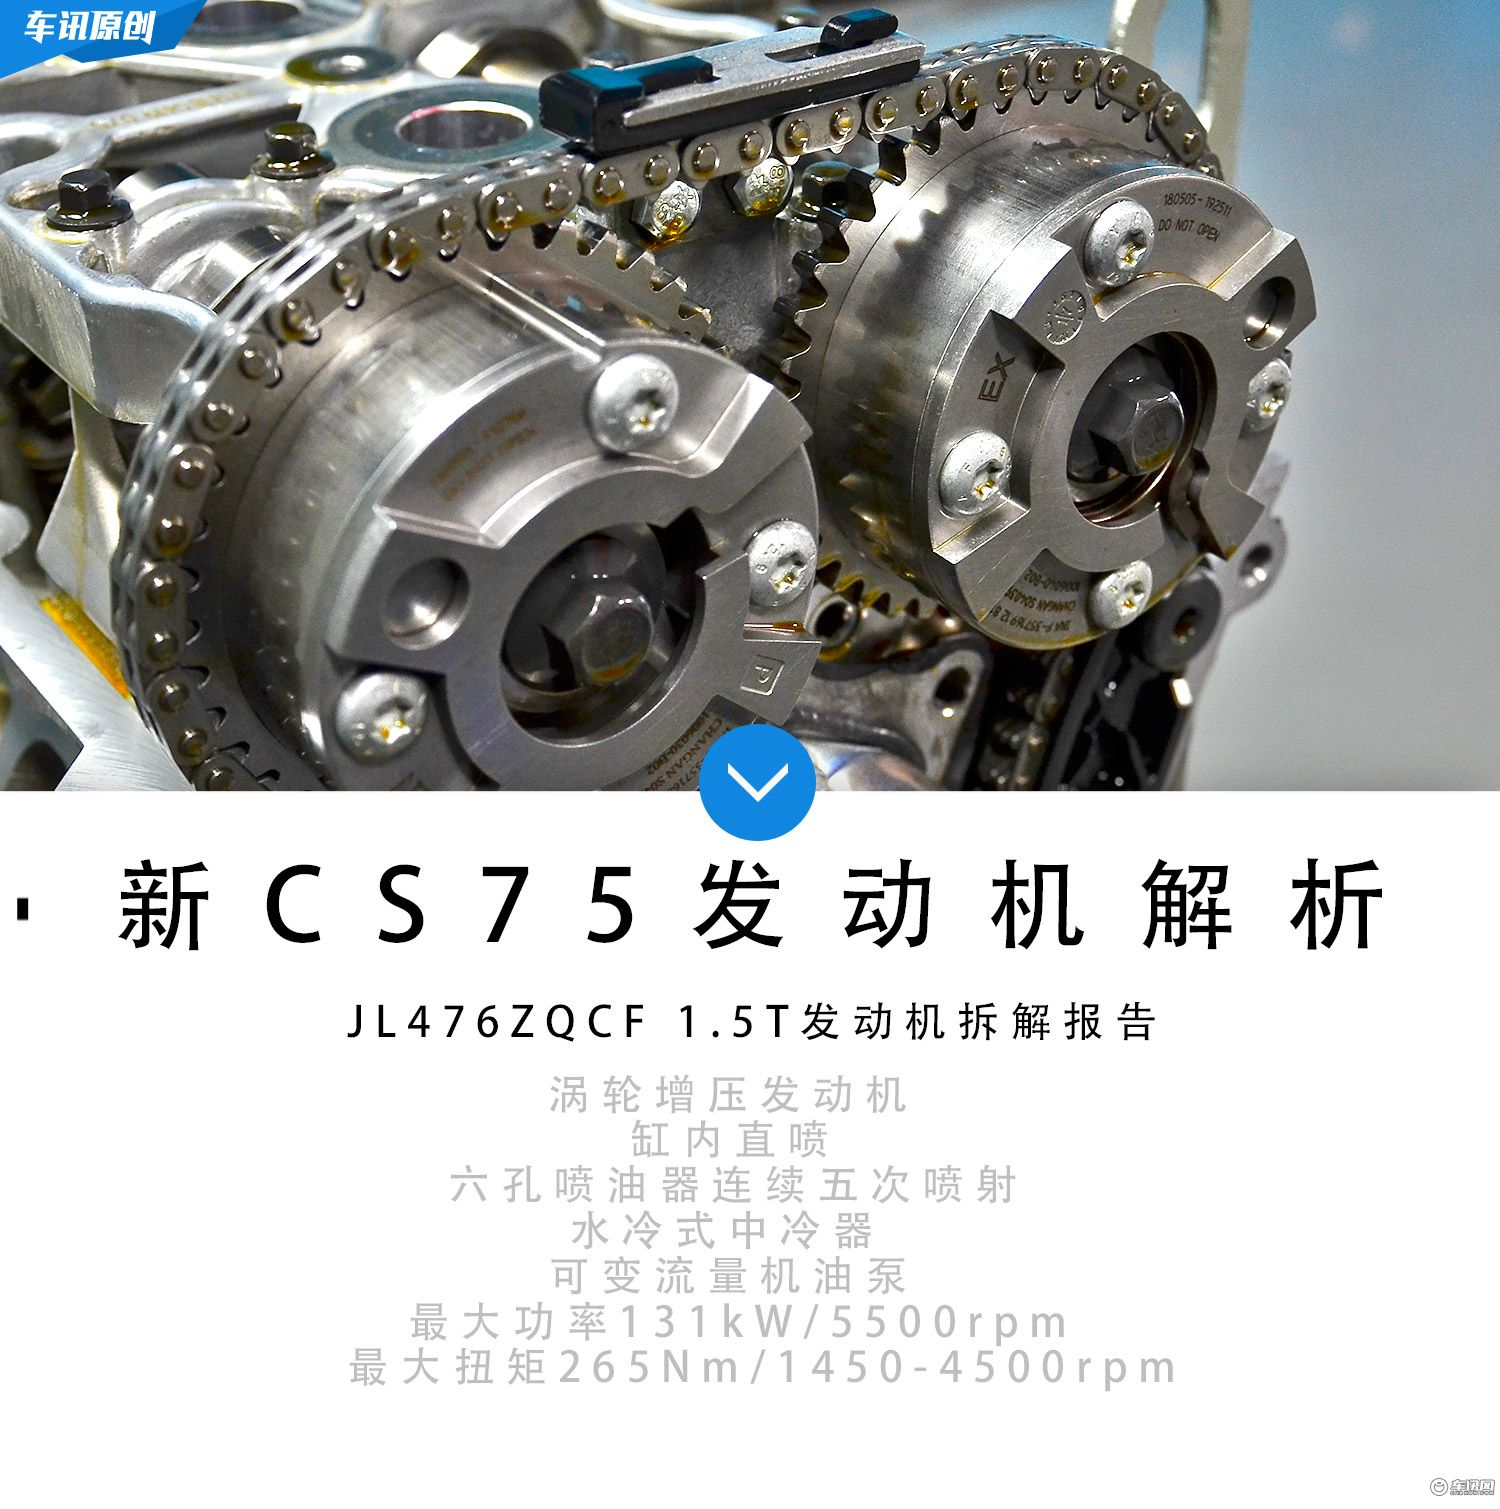 要做就做最好 新CS75 280T发动机真好吗?